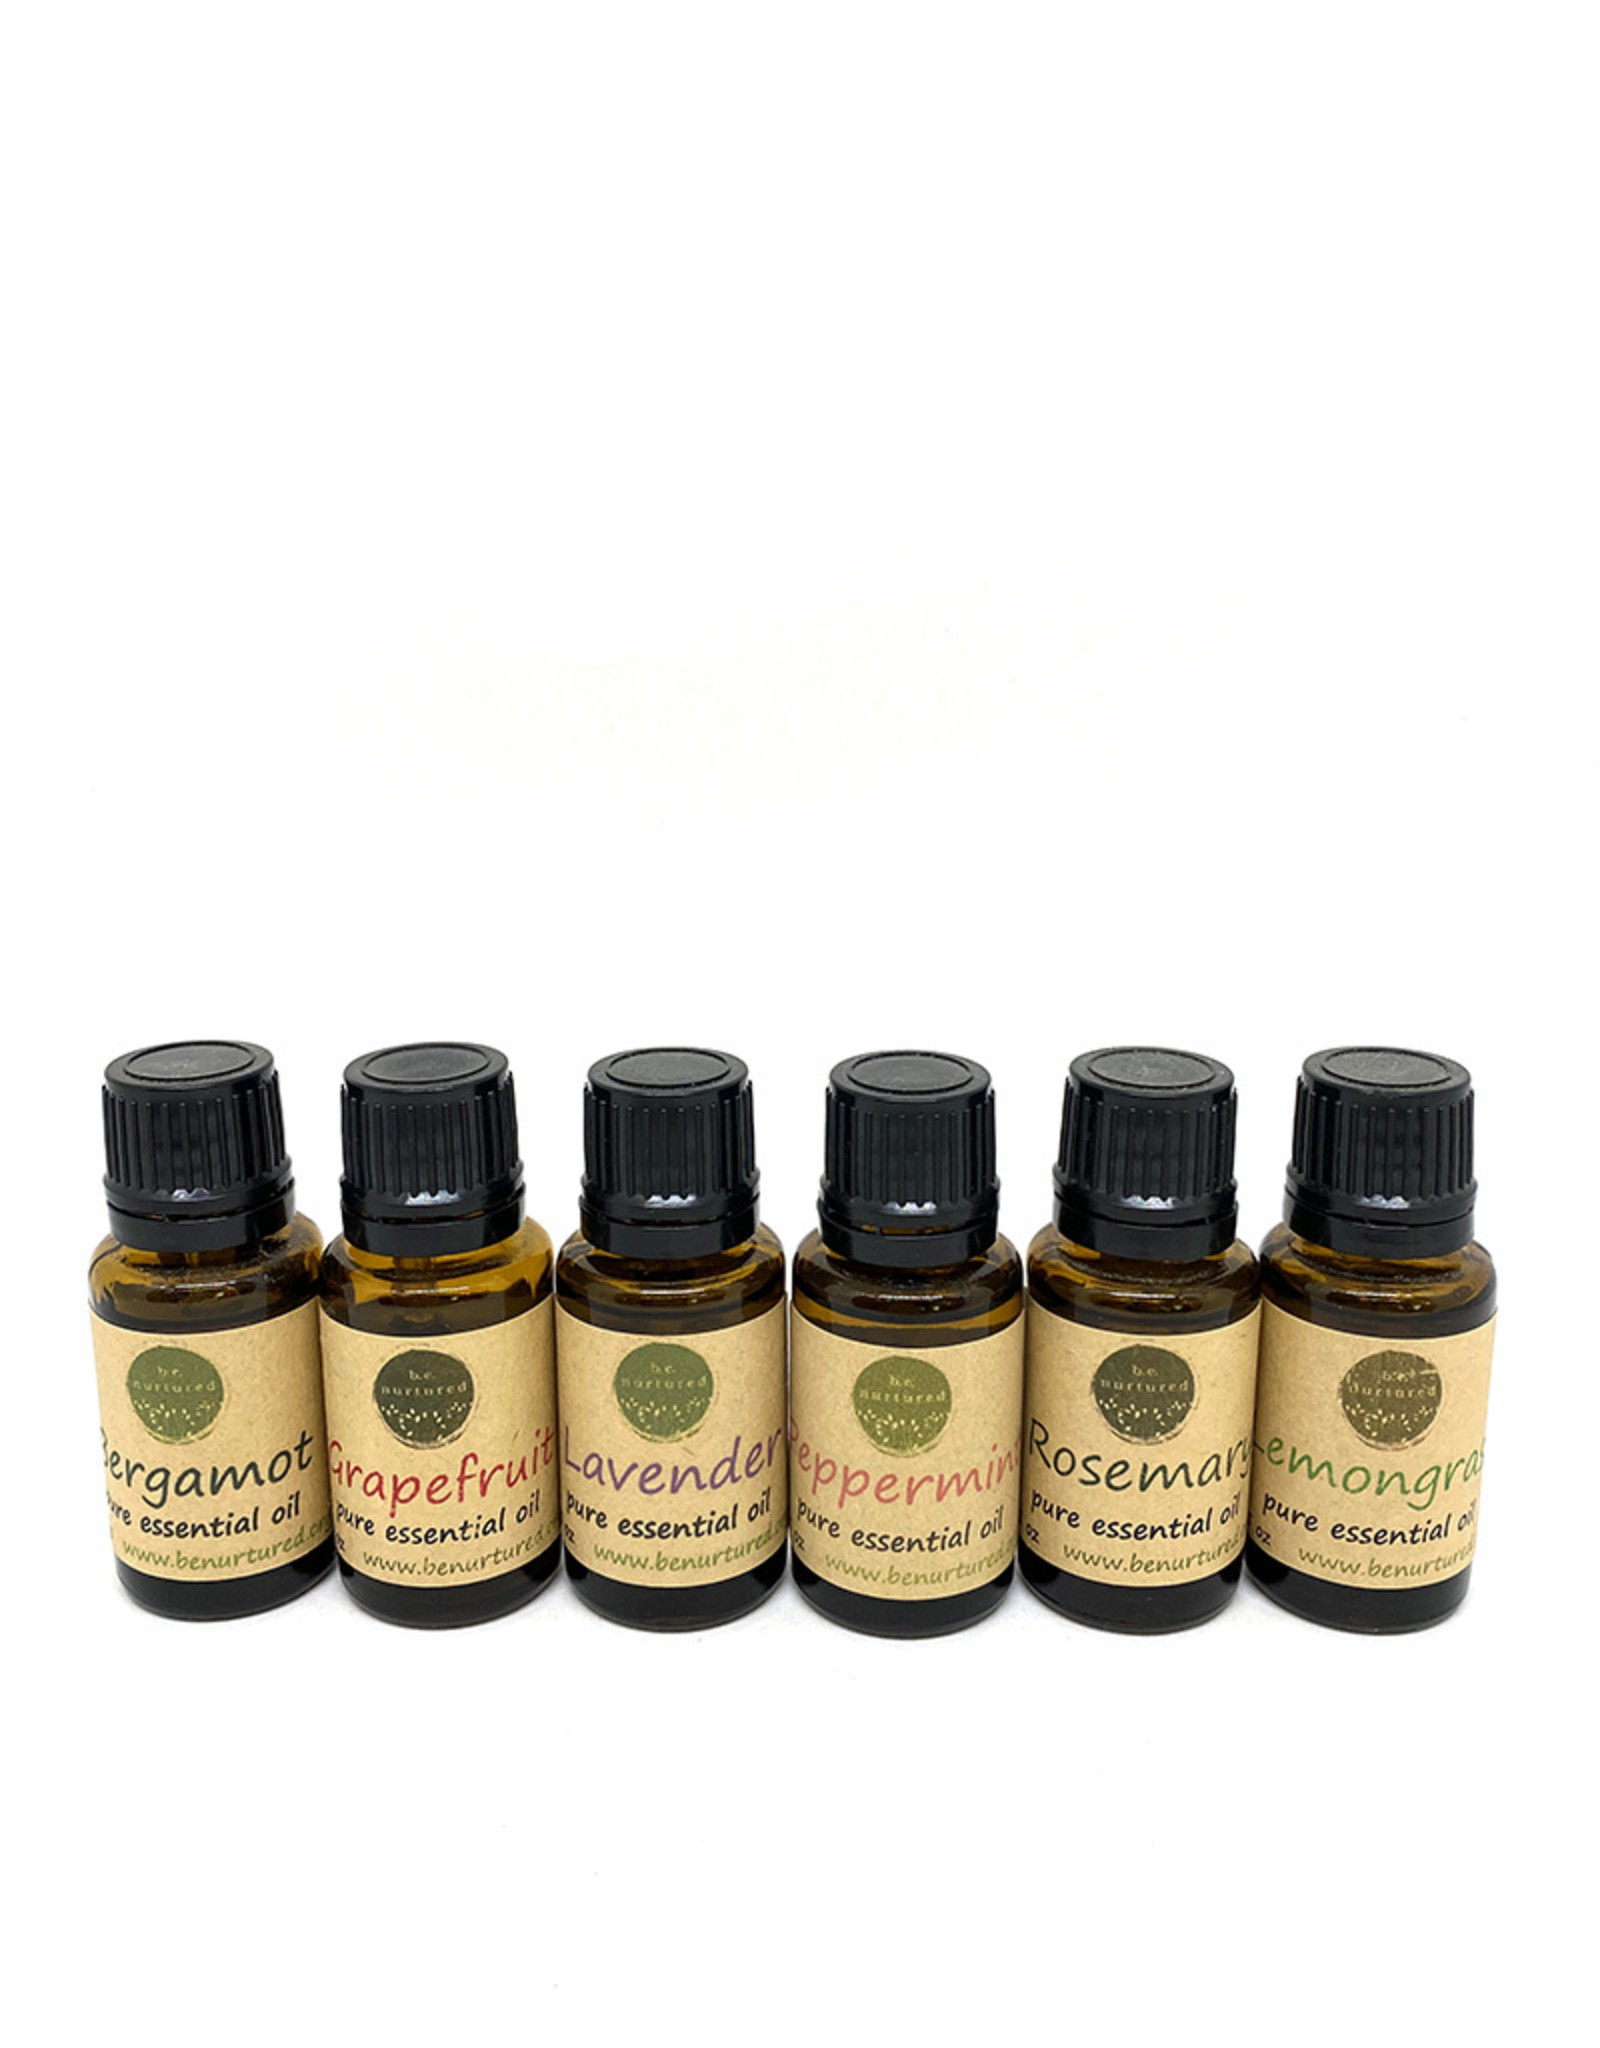 b.e. nurtured Essential Oils by b.e. nurtured